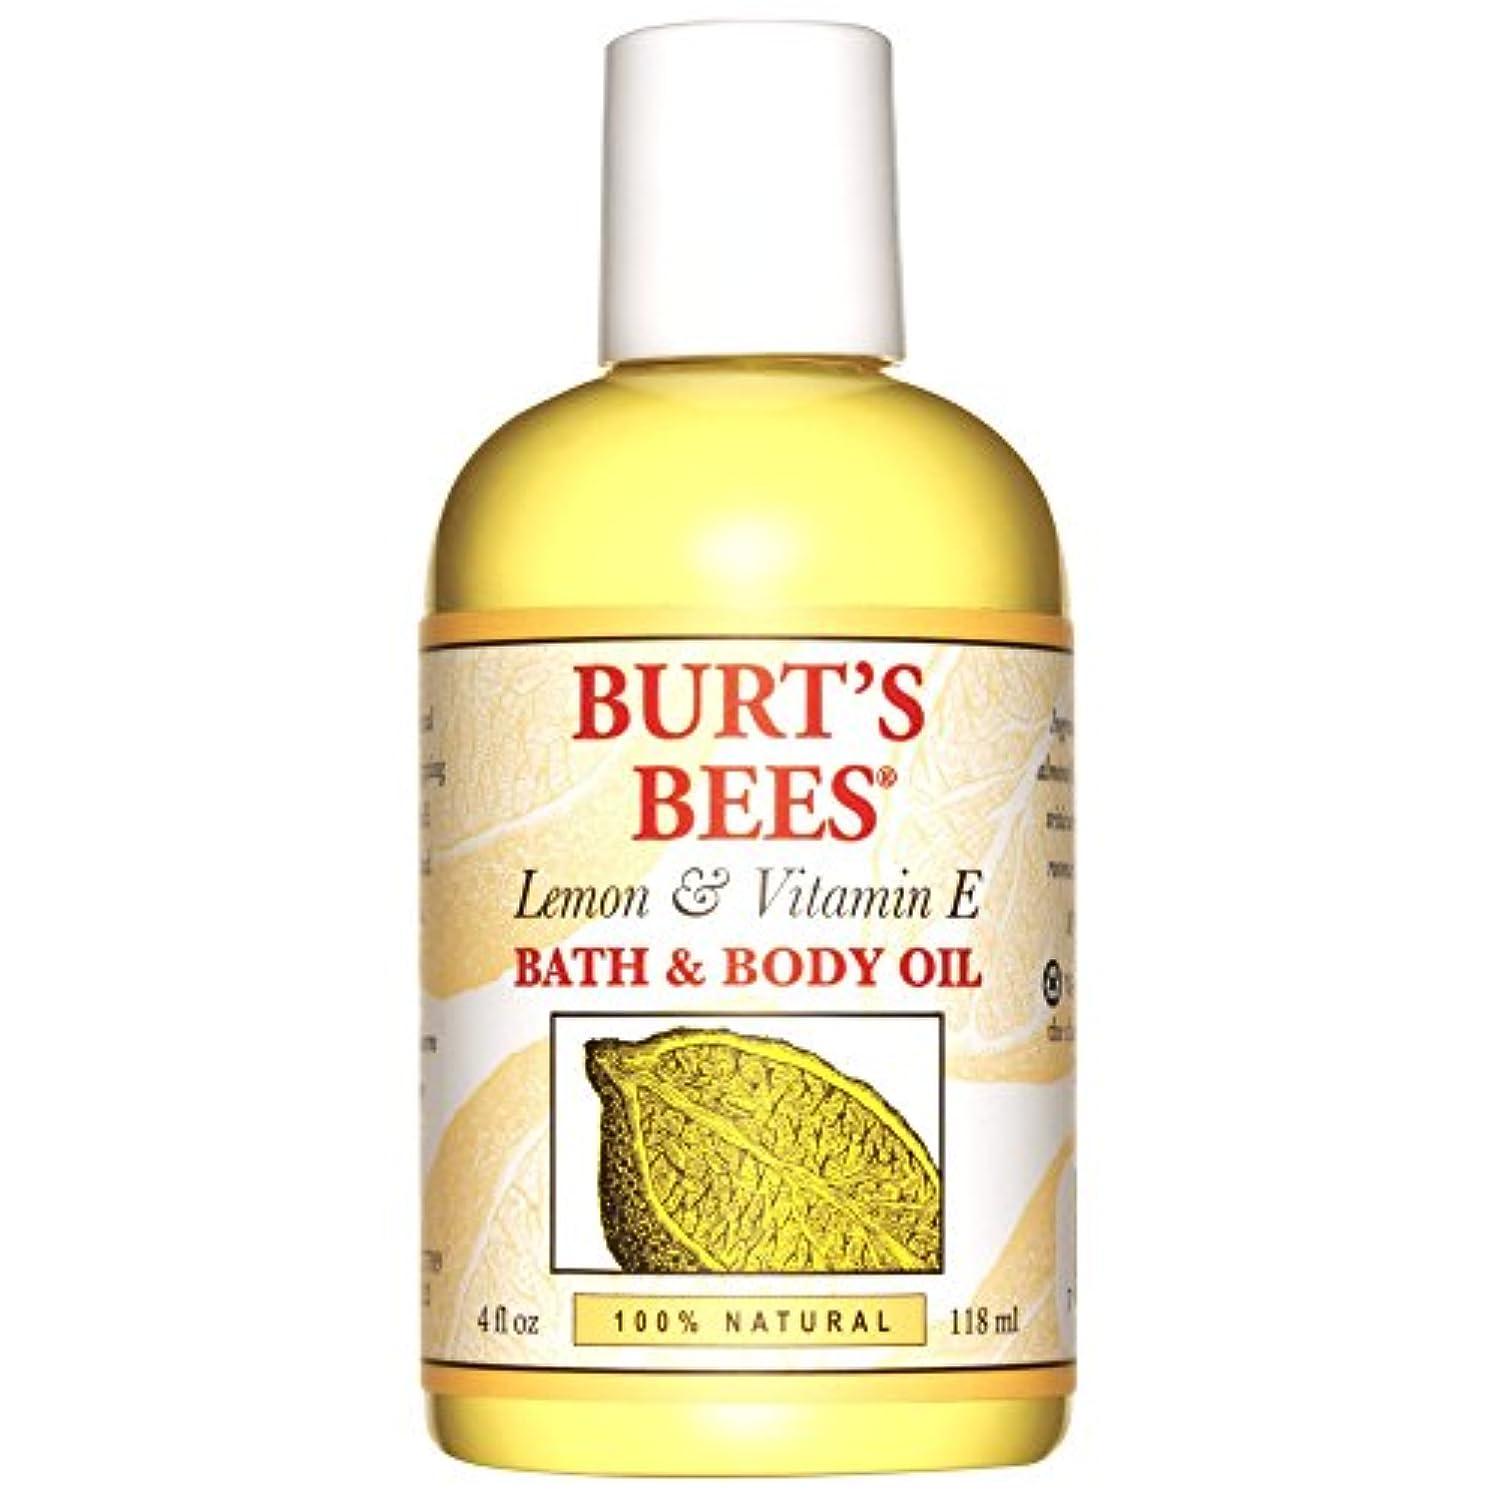 連結するきれいに啓示バーツビーレモンとビタミンEバス、ボディオイル118ミリリットル (Burt's Bees) (x2) - Burt's Bees Lemon and Vitamin E Bath and Body Oil 118ml...